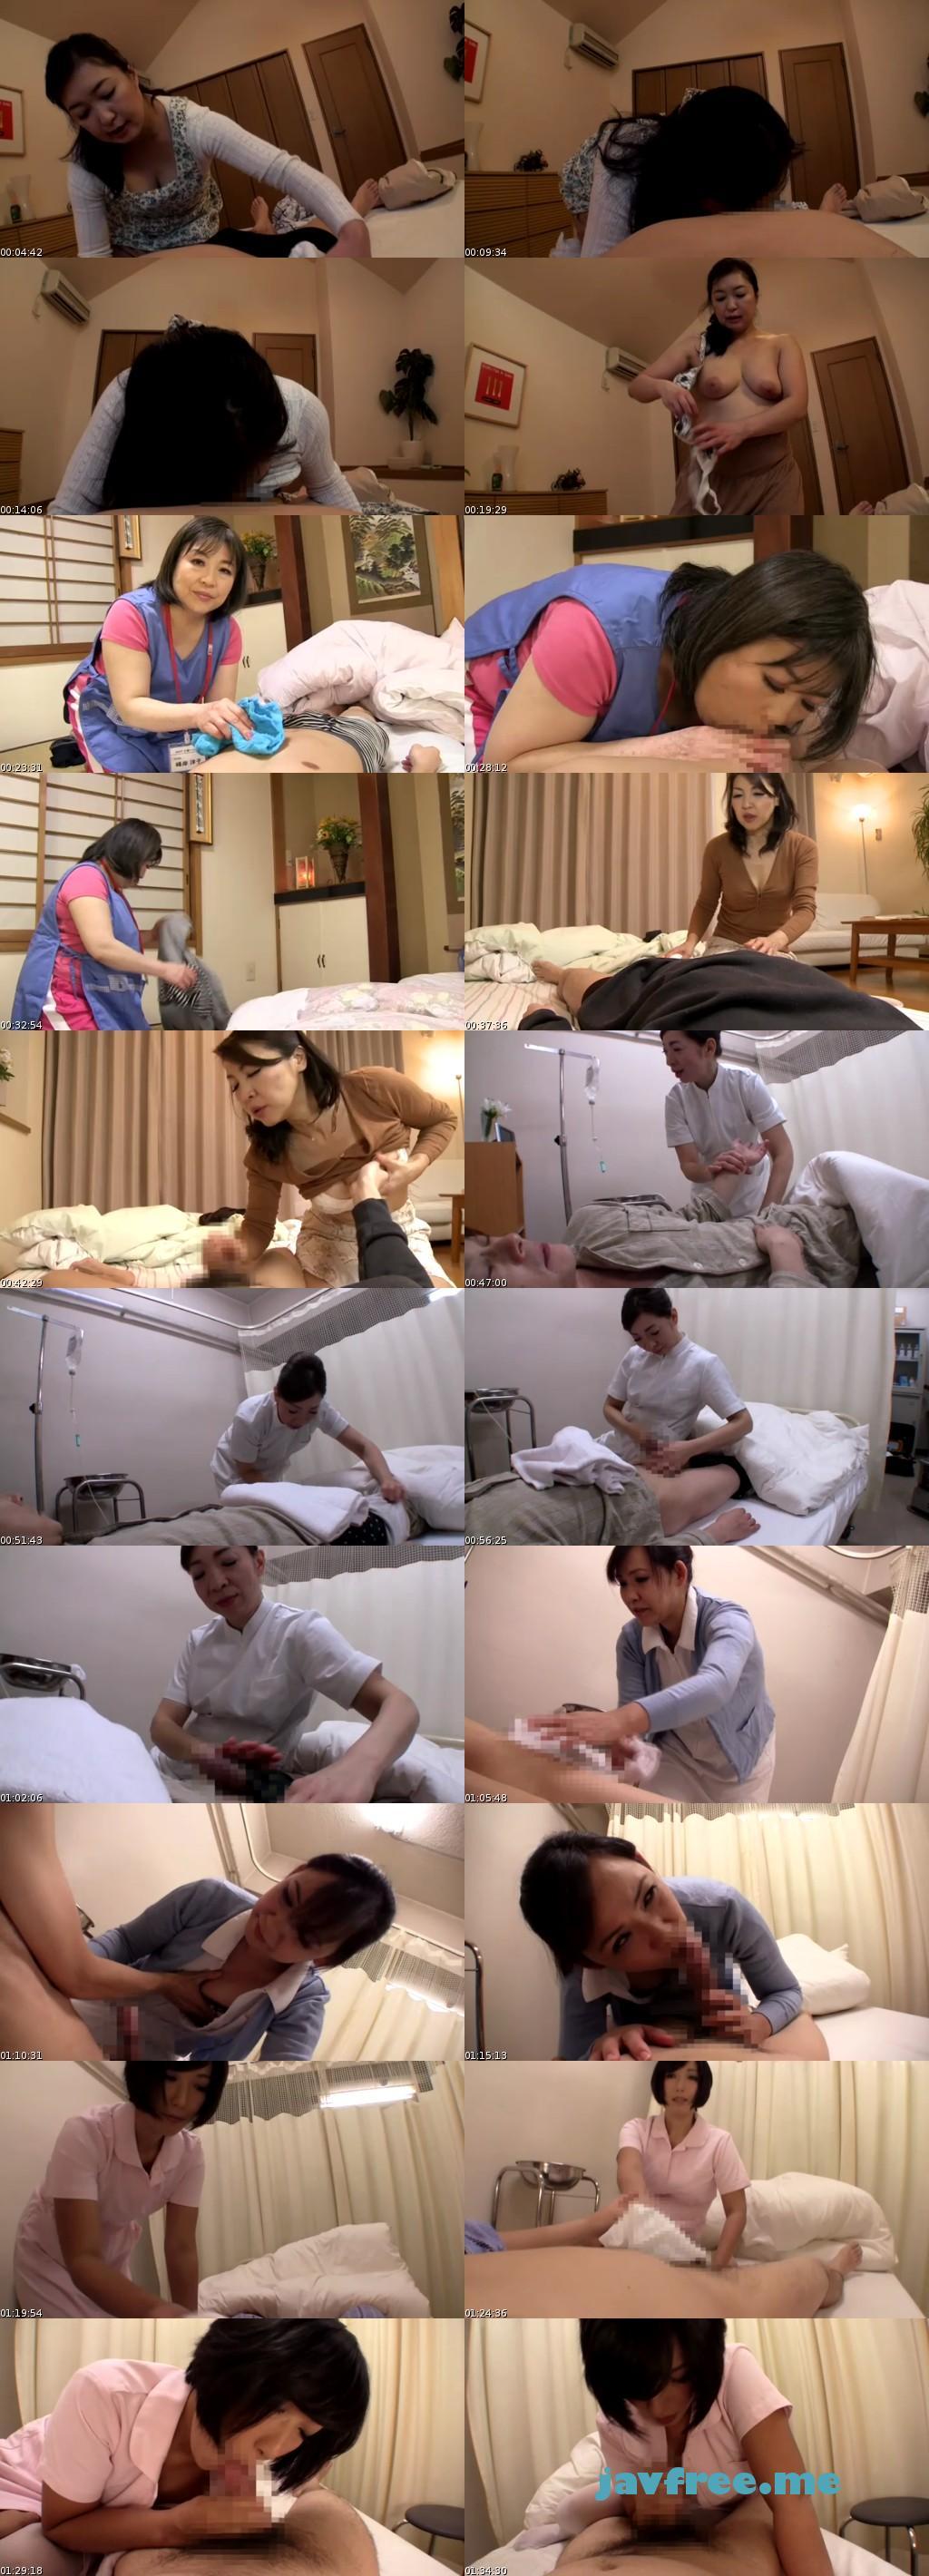 [DMAT 120] 介護のおばちゃんが僕のチ○ポを凝視する… 木戸雅江 峰岸洋子 伊達美佐子 DMAT